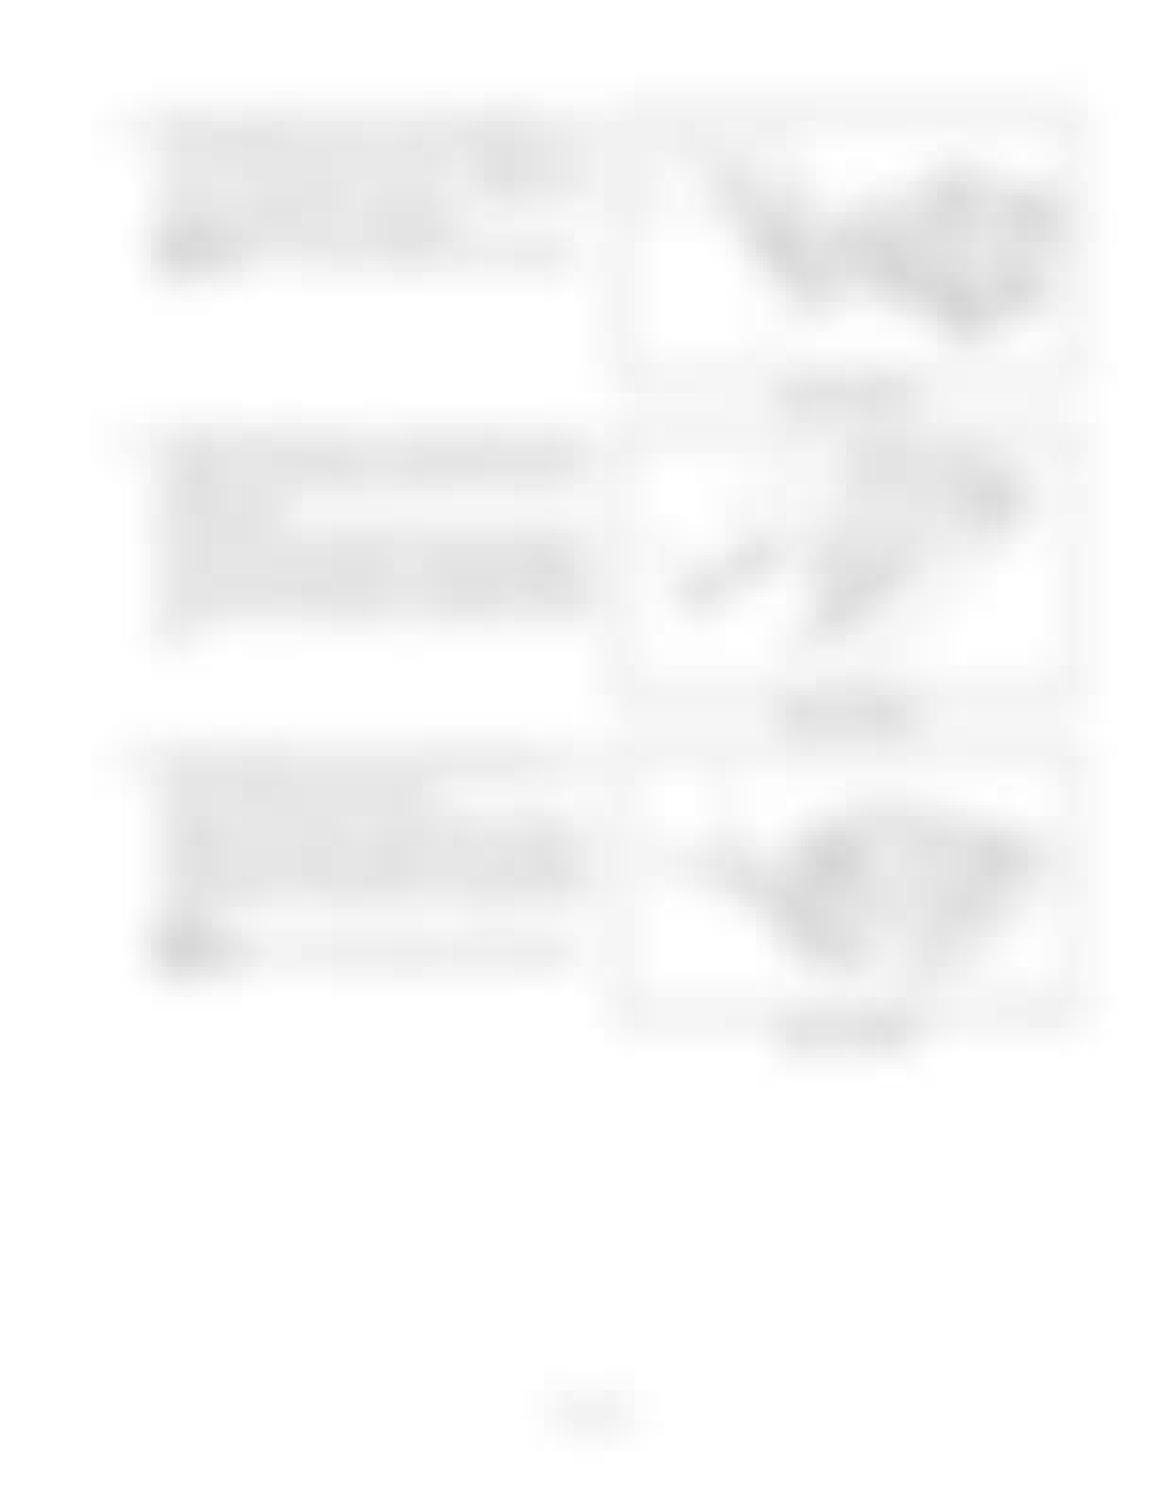 Hitachi LX110-7 LX130-7 LX160-7 LX190-7 LX230-7 Wheel Loader Workshop Manual - PDF DOWNLOAD page 71